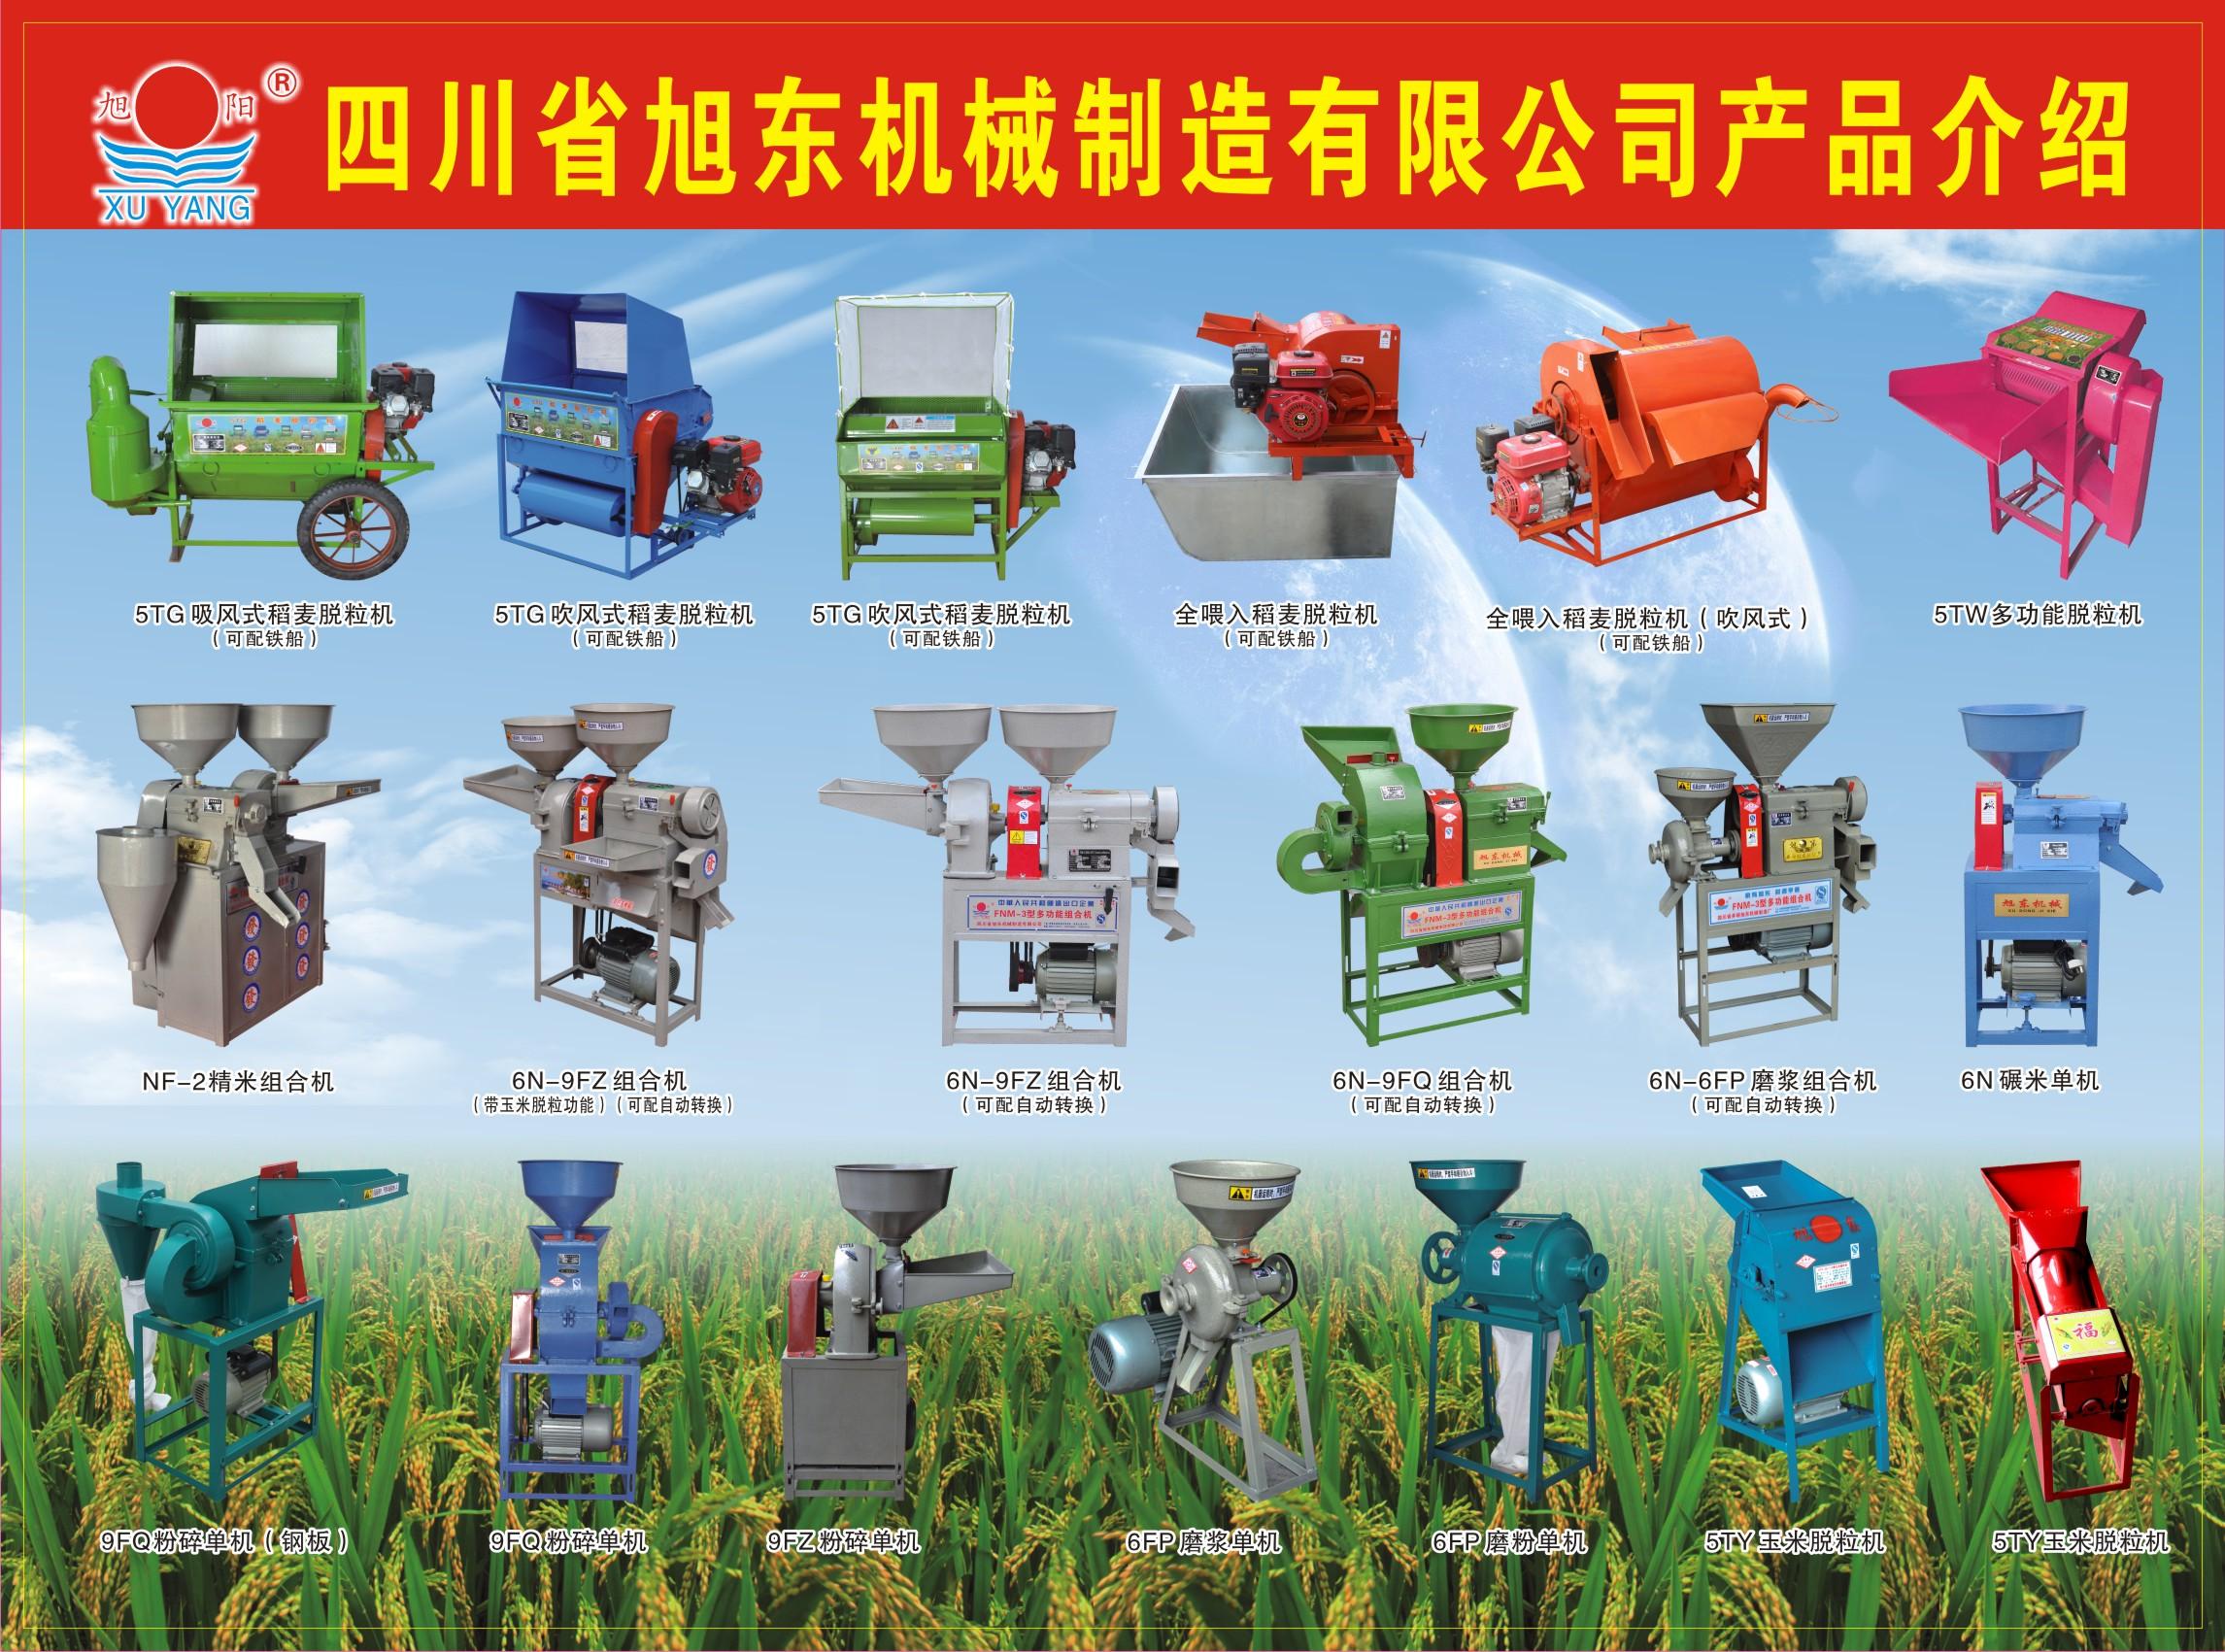 Sichuan Xudong Machinery Manufacturing Ci,Ltd Main Image